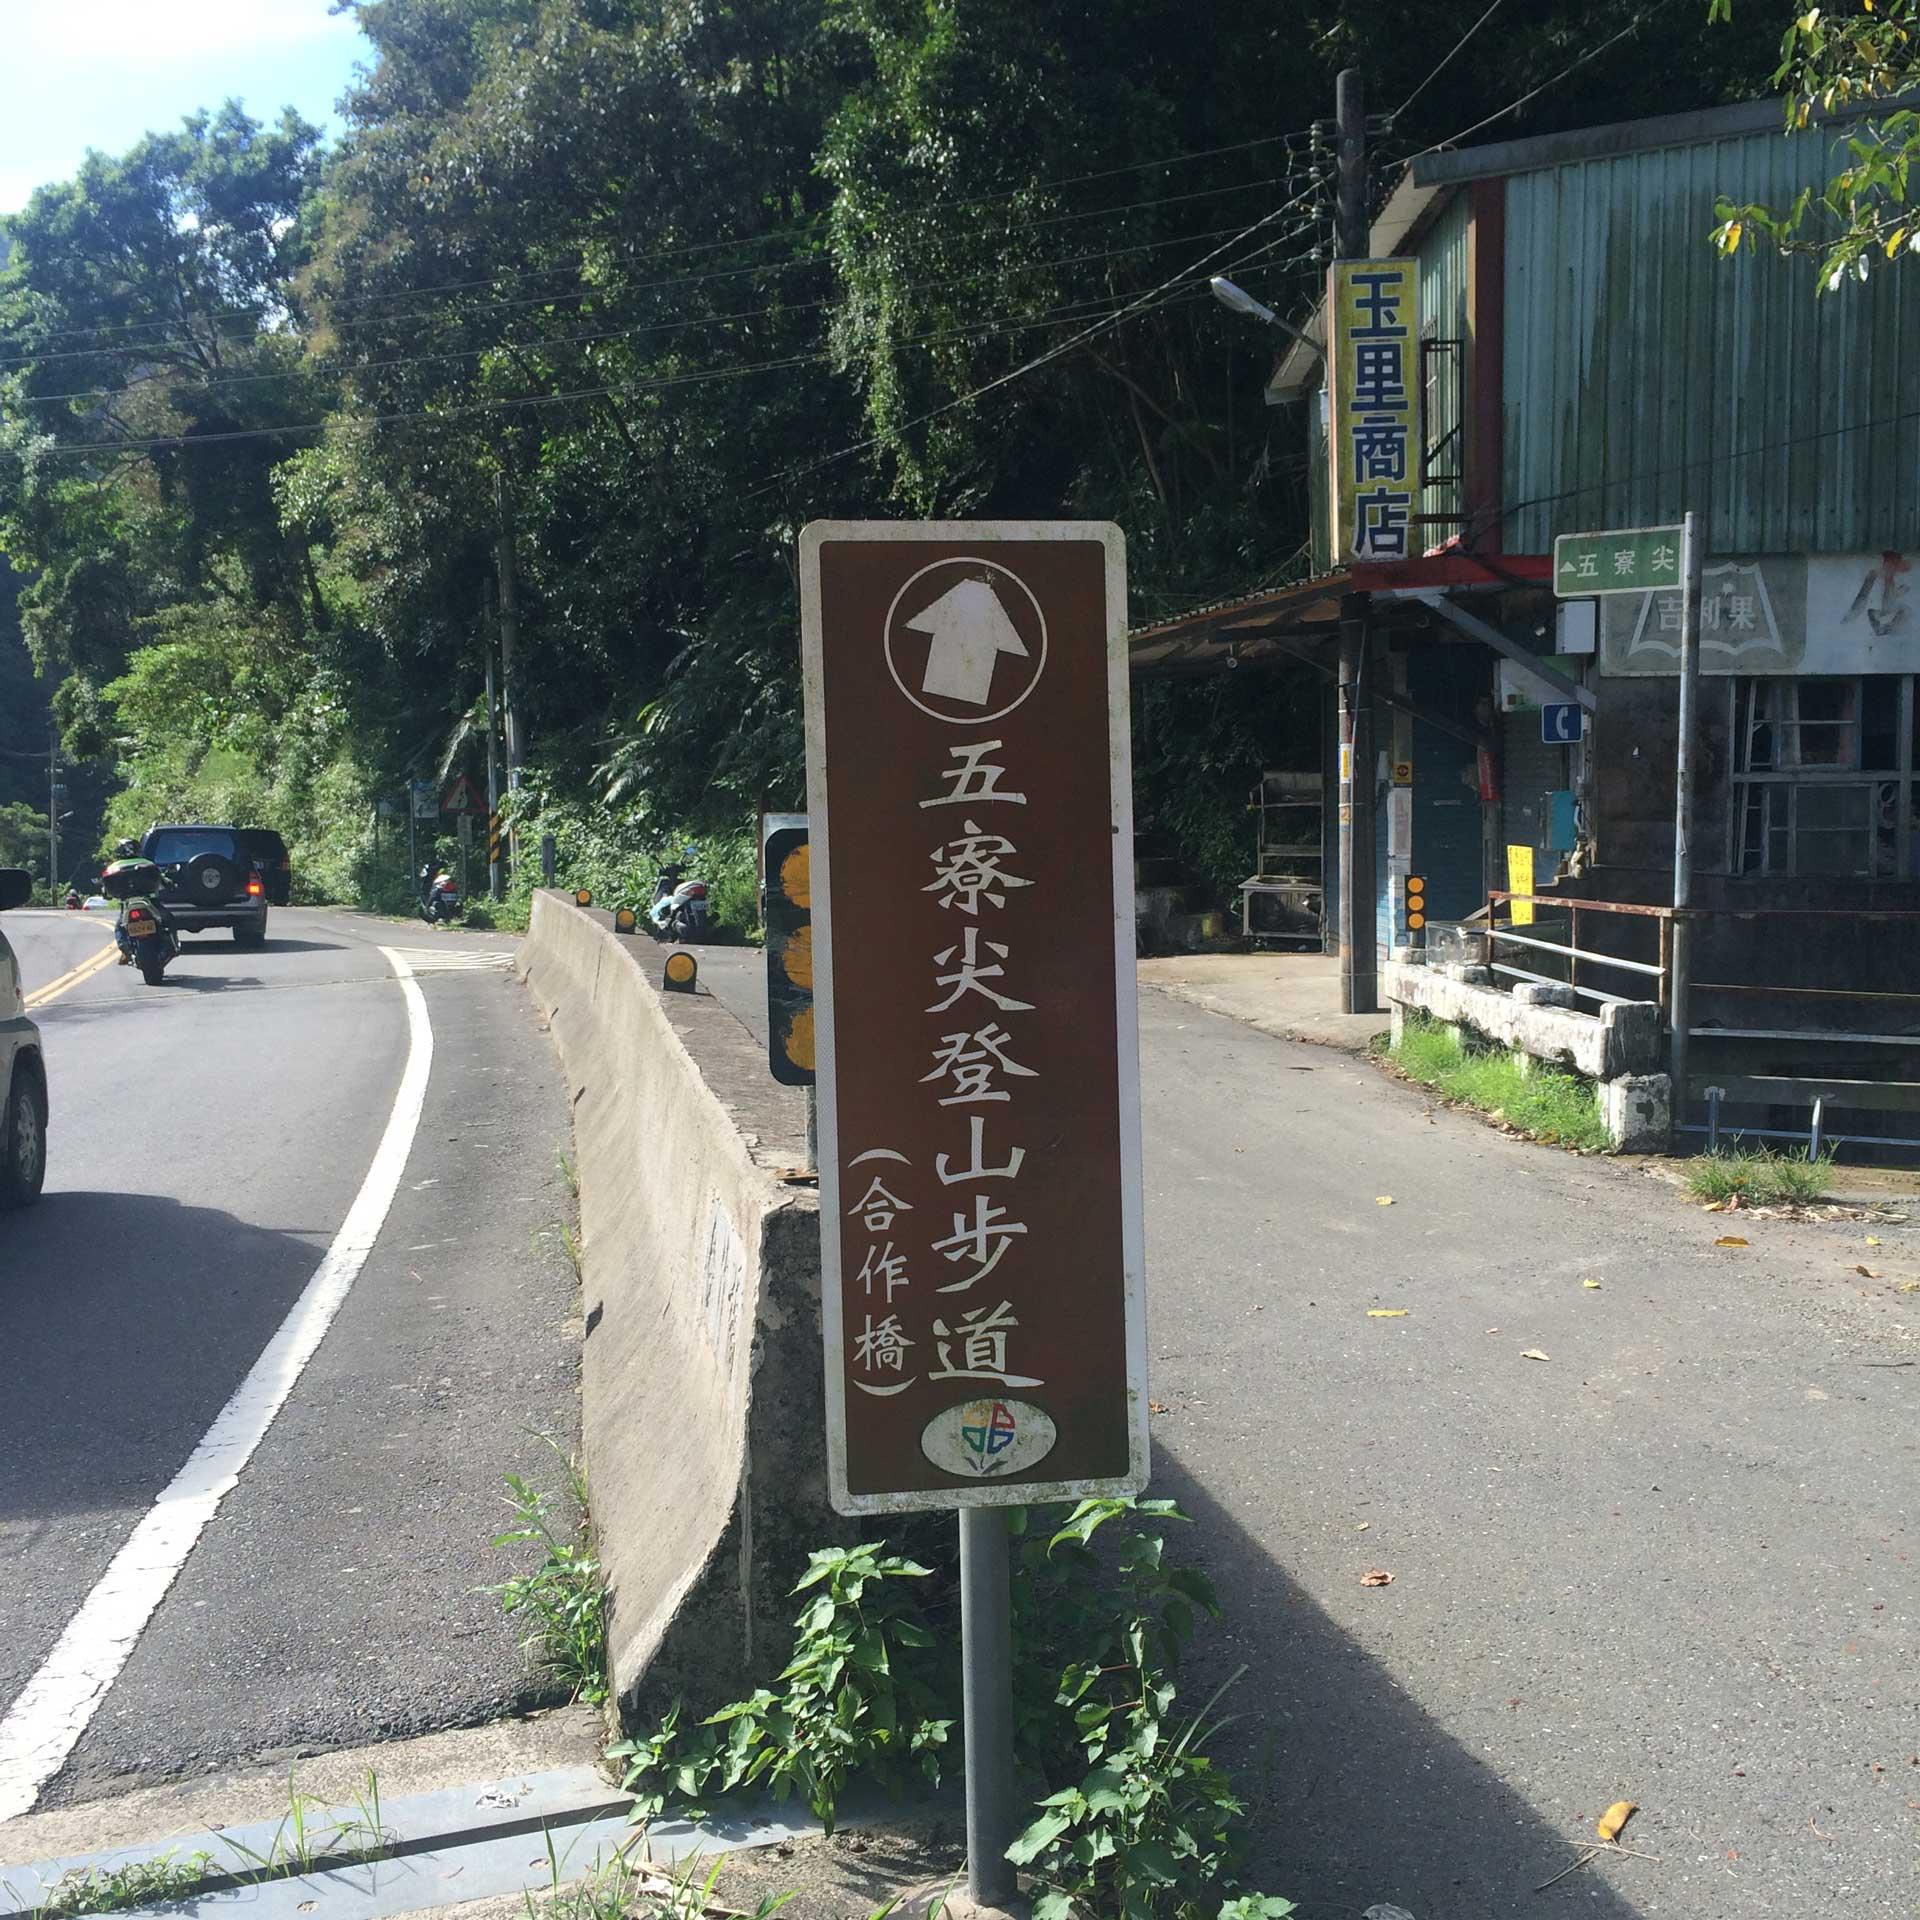 今天騎腳踏車經過懷念的三峽五寮尖,真是懷念!好玩的登山路線